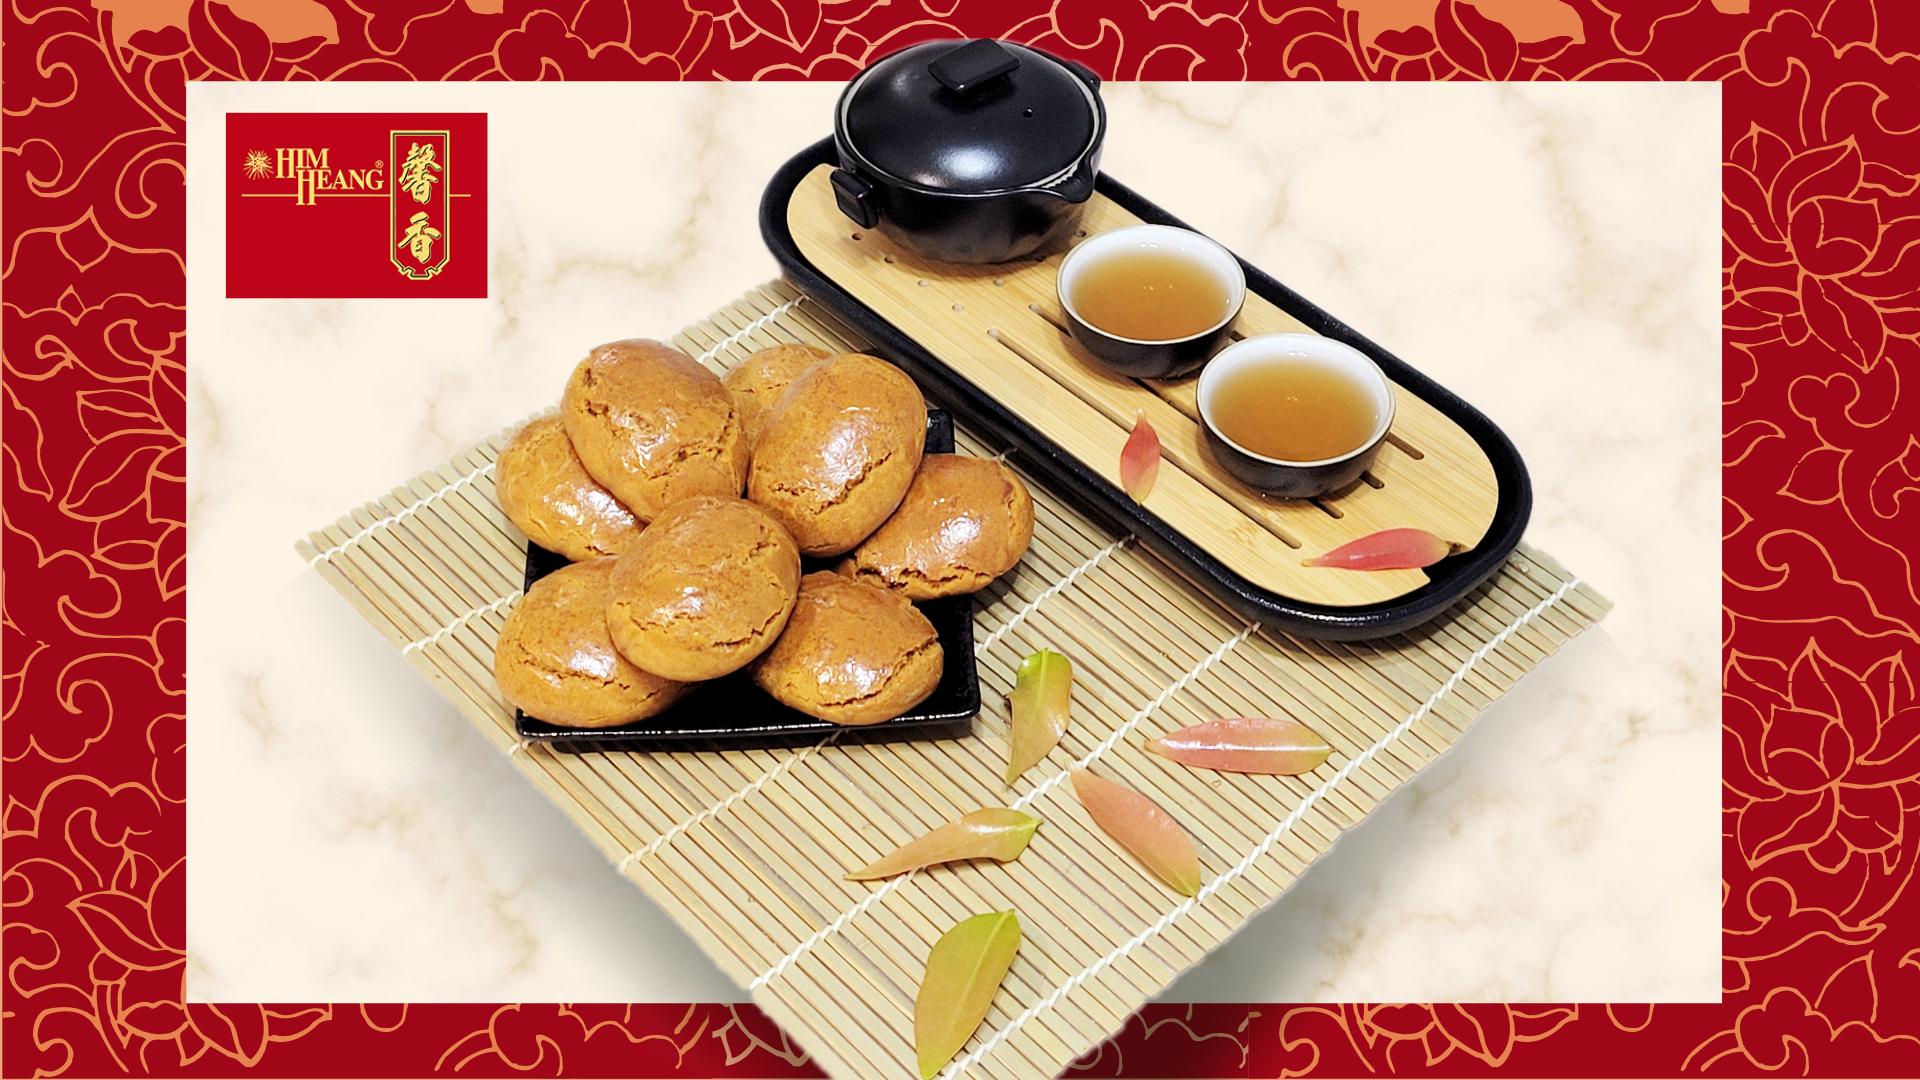 公仔饼 Chinese Muffins